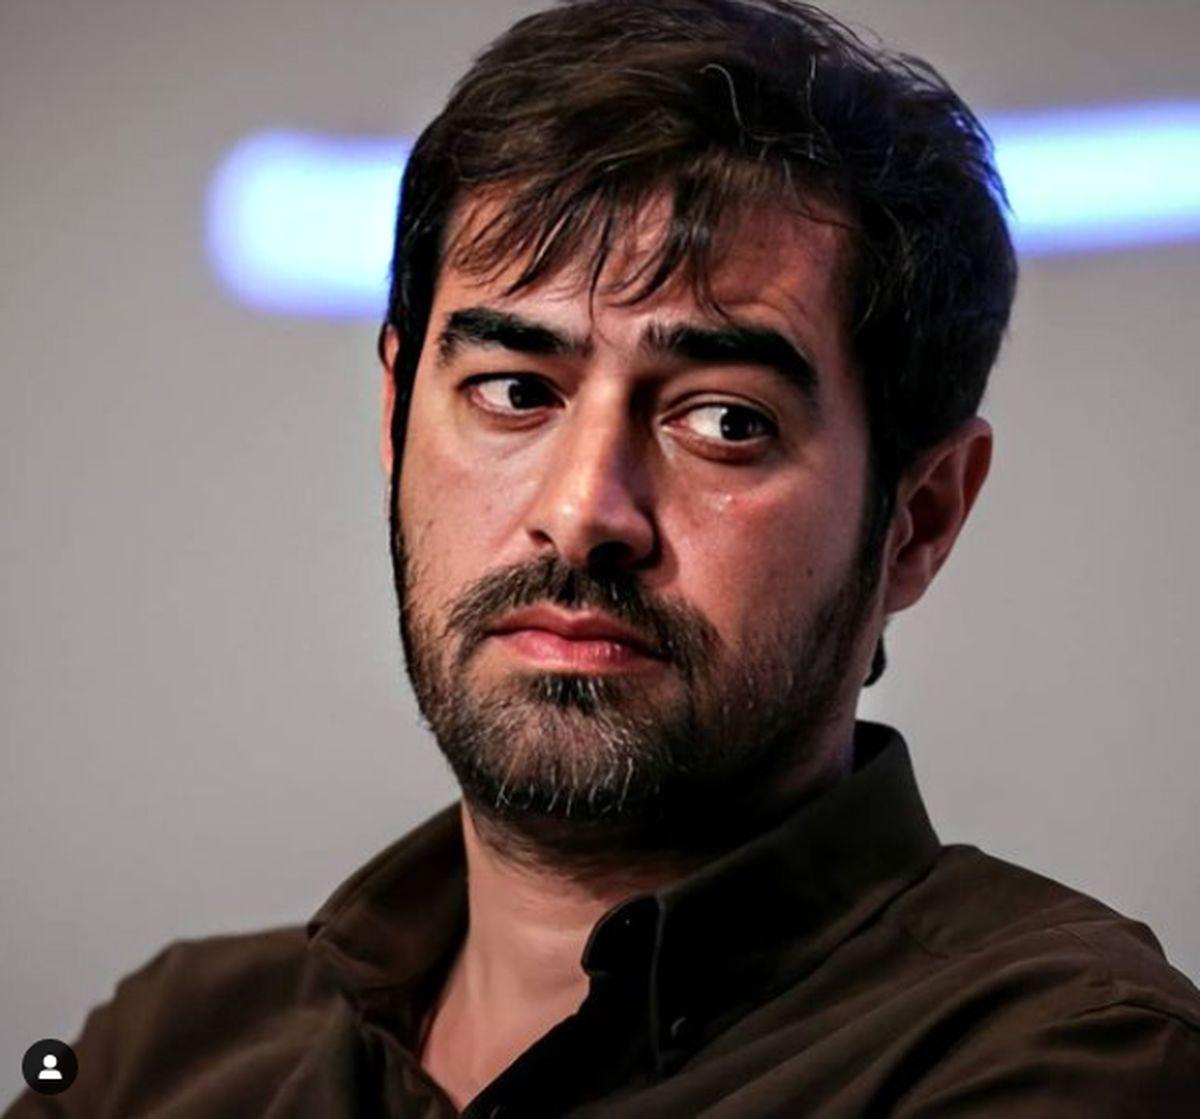 لطیفه خنده دار  شهاب حسینی در همرفیق/ ویدئو